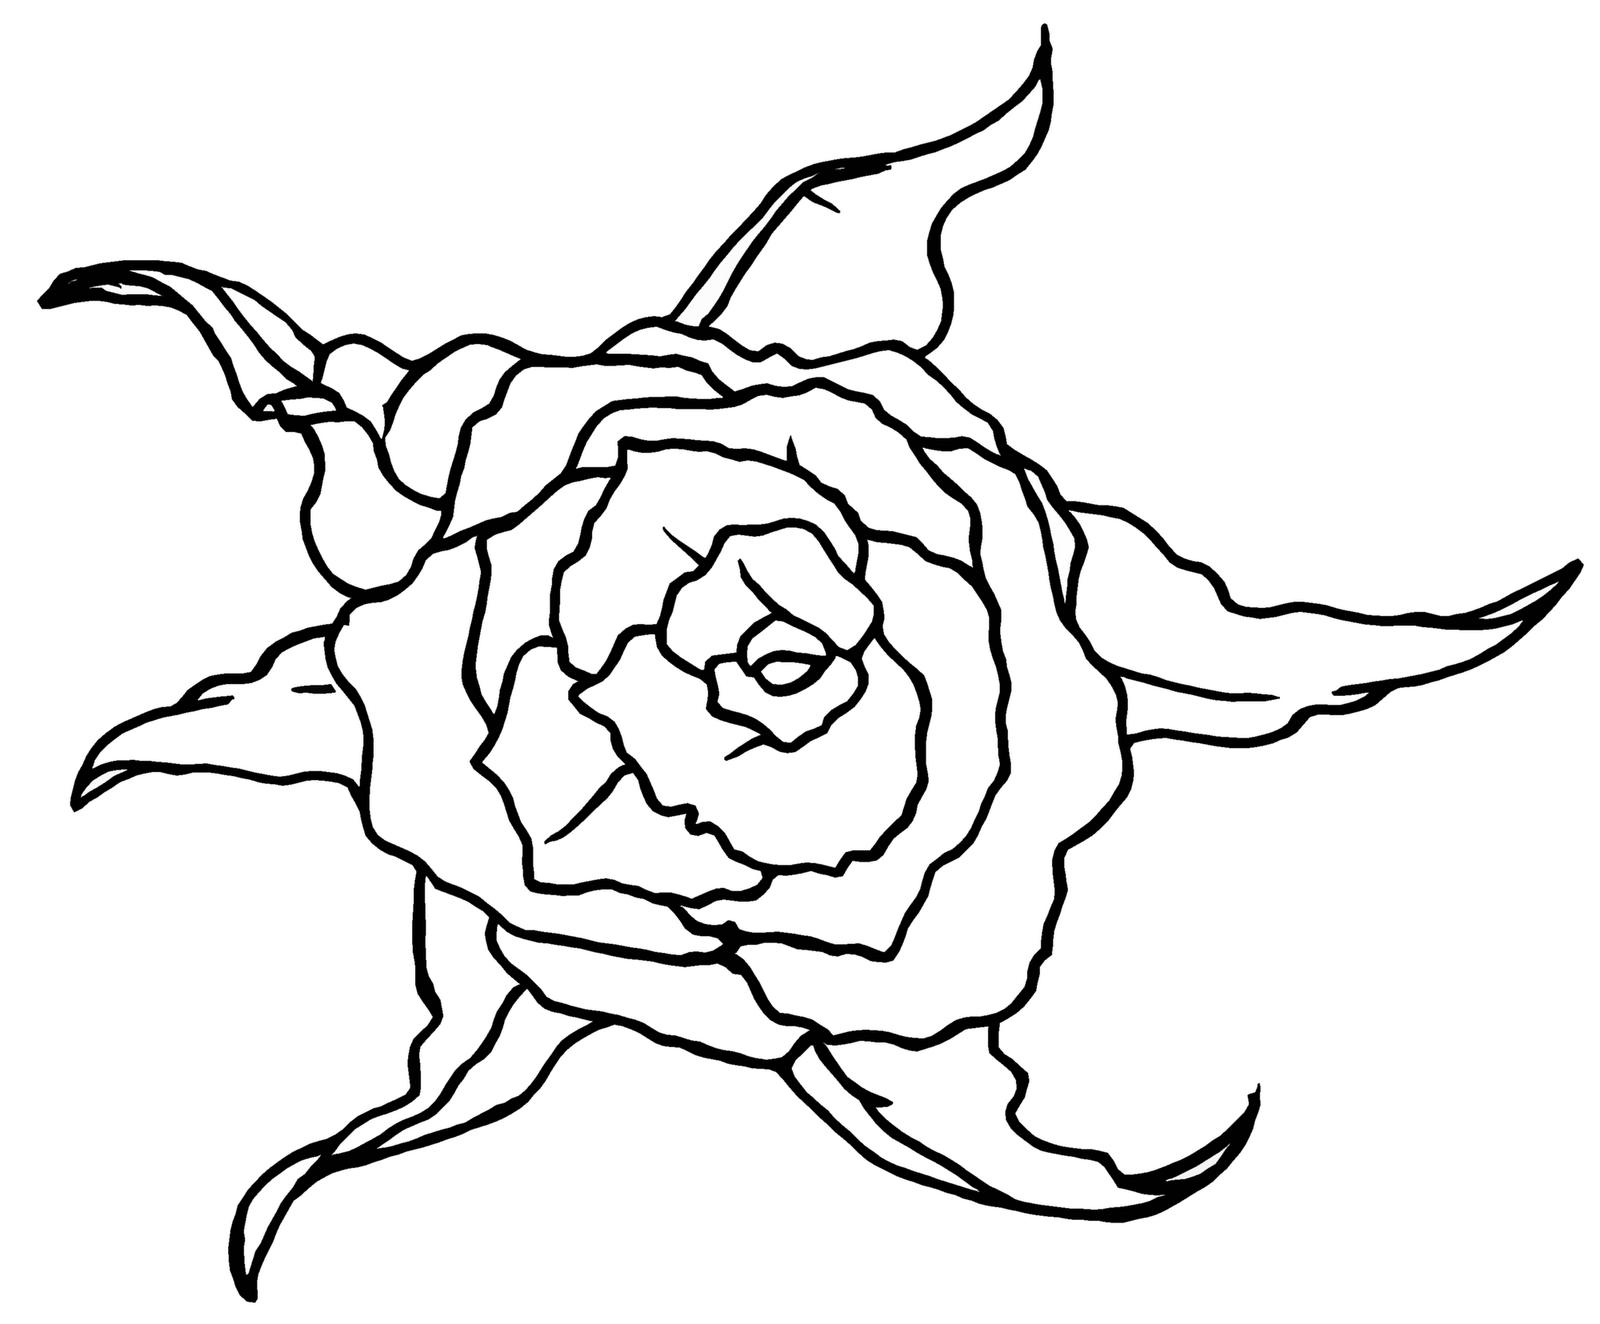 Line Art Rose : Rose line art cliparts